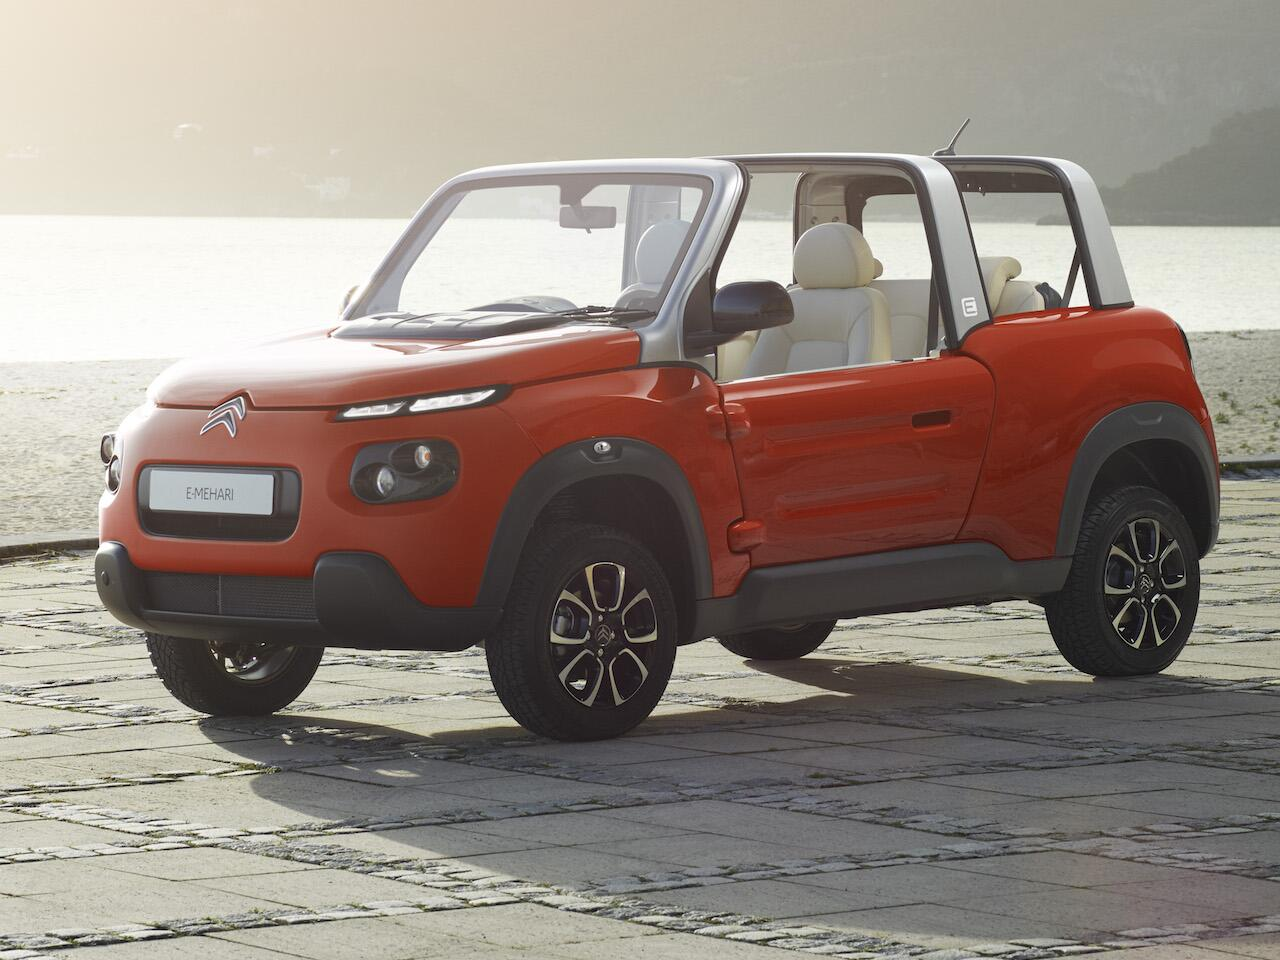 Bild zu Citroën E-Mehari